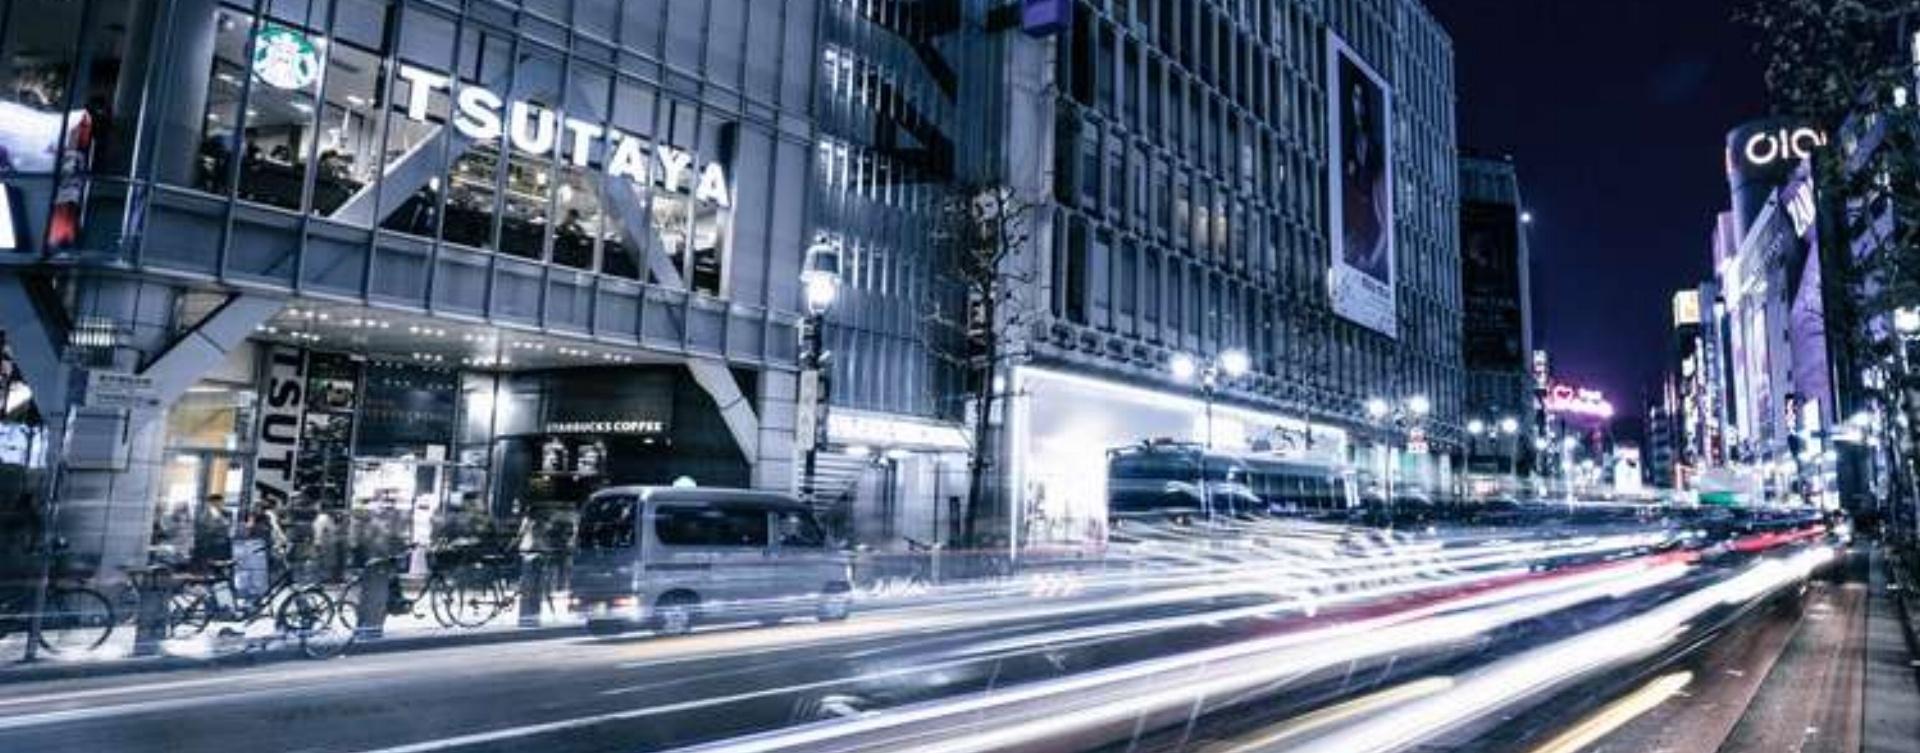 tokyo-horizontal.jpg